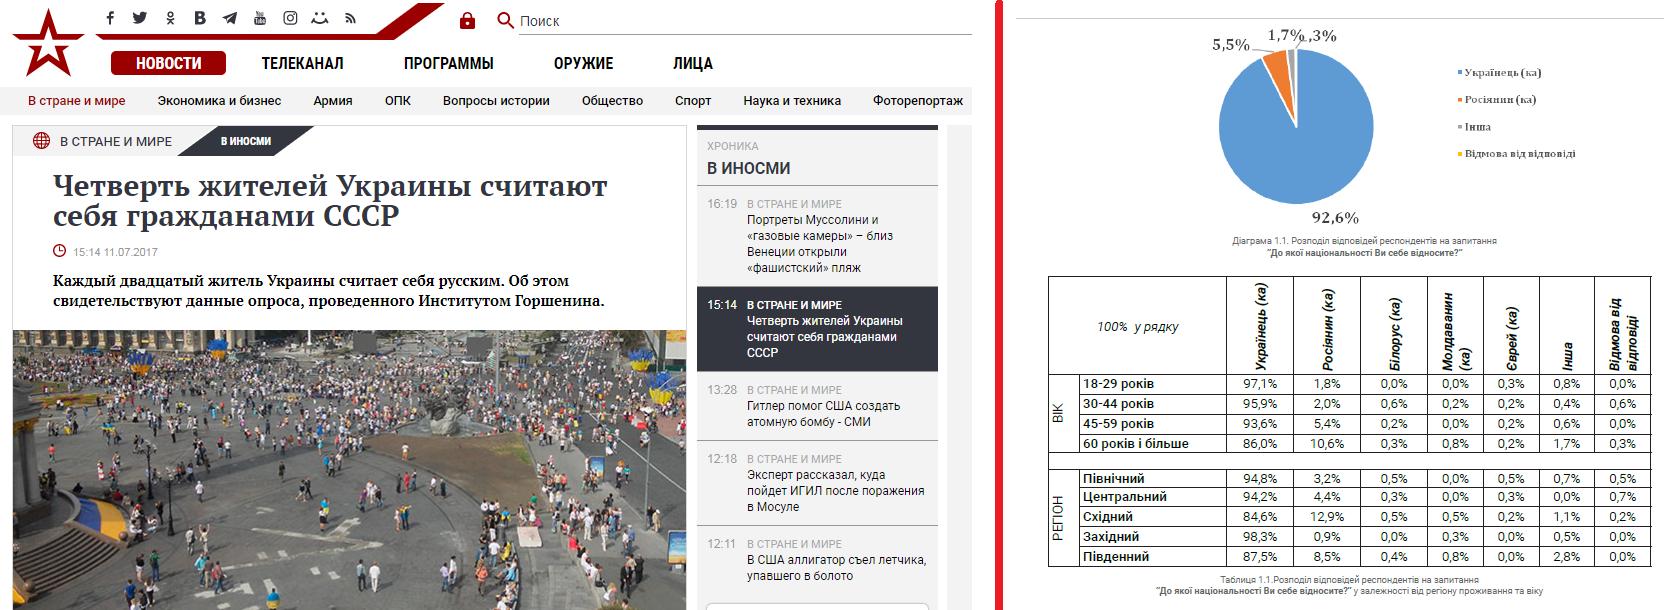 Рис. 8. Не правдивая новость о принадлежности граждан Украины